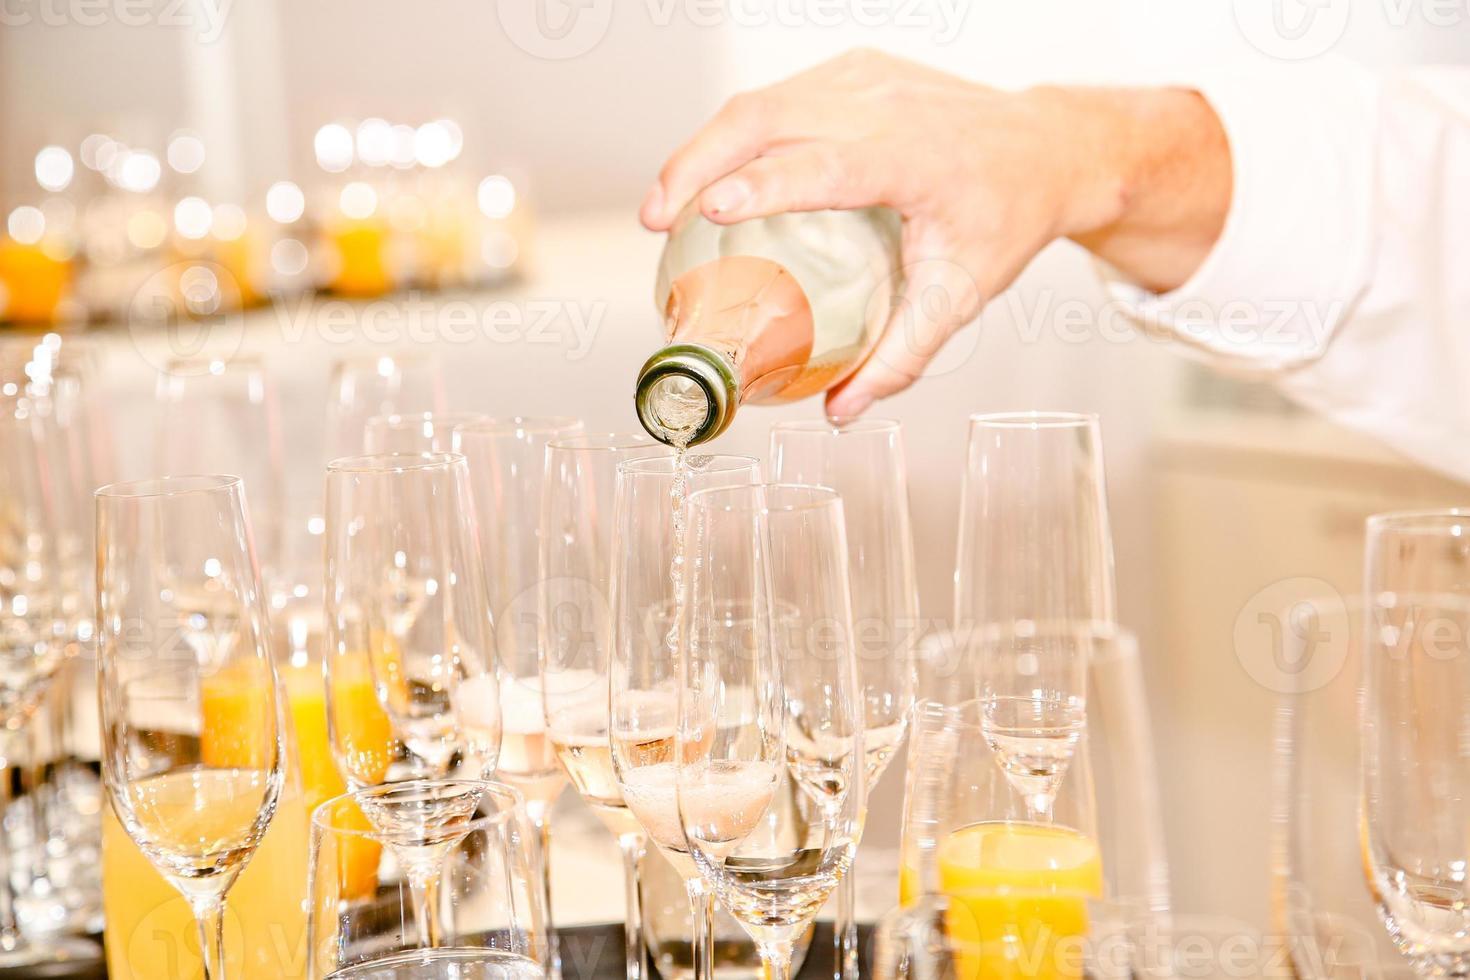 bebidas servidas por um garçom foto